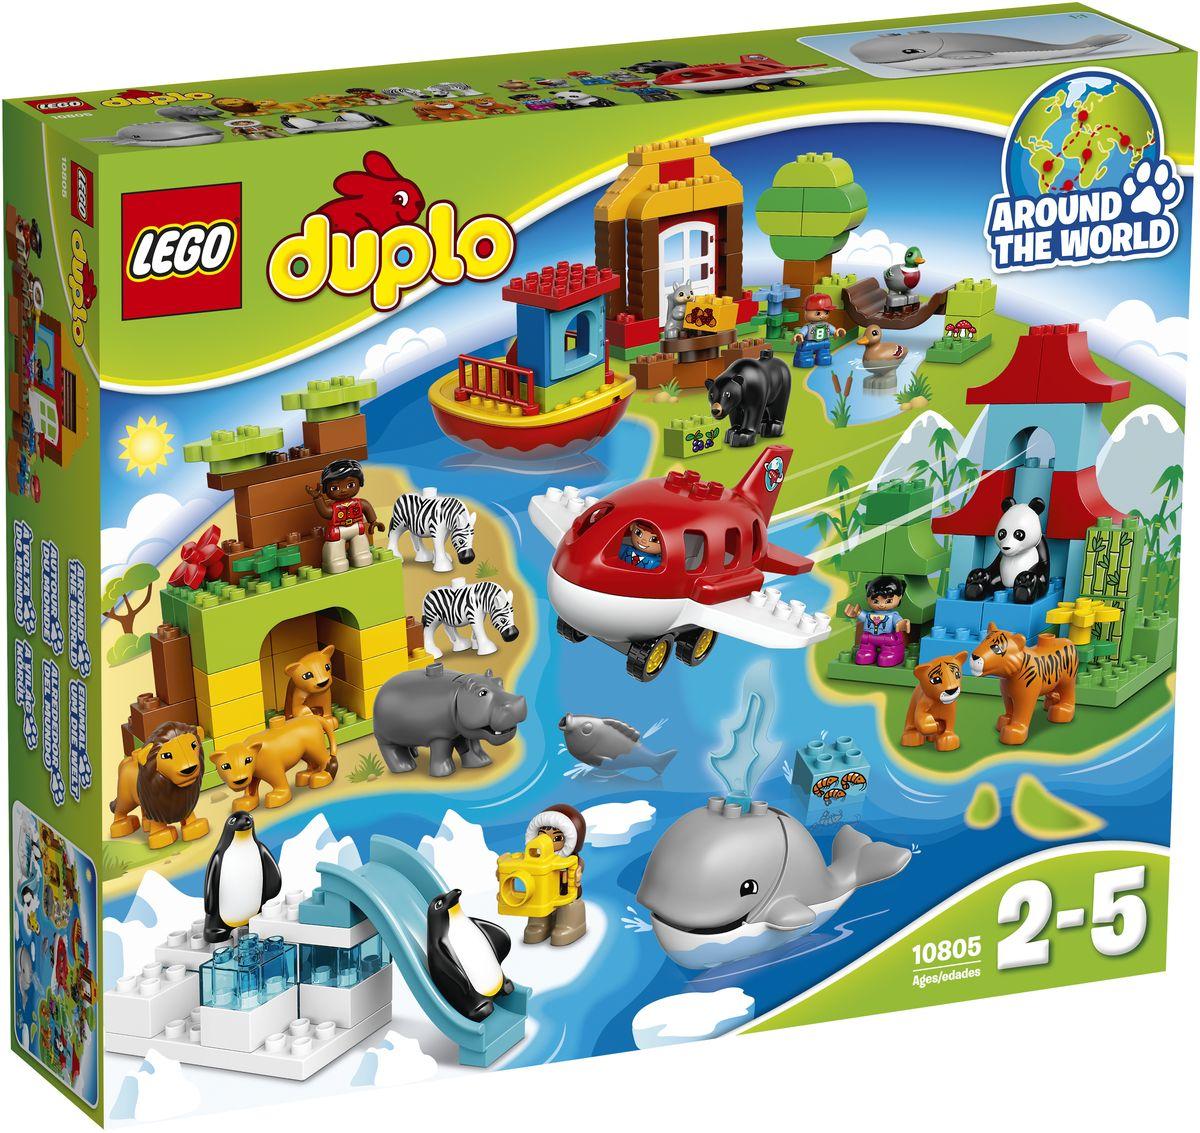 LEGO DUPLO Конструктор Вокруг света 10805 - Игрушки для малышей